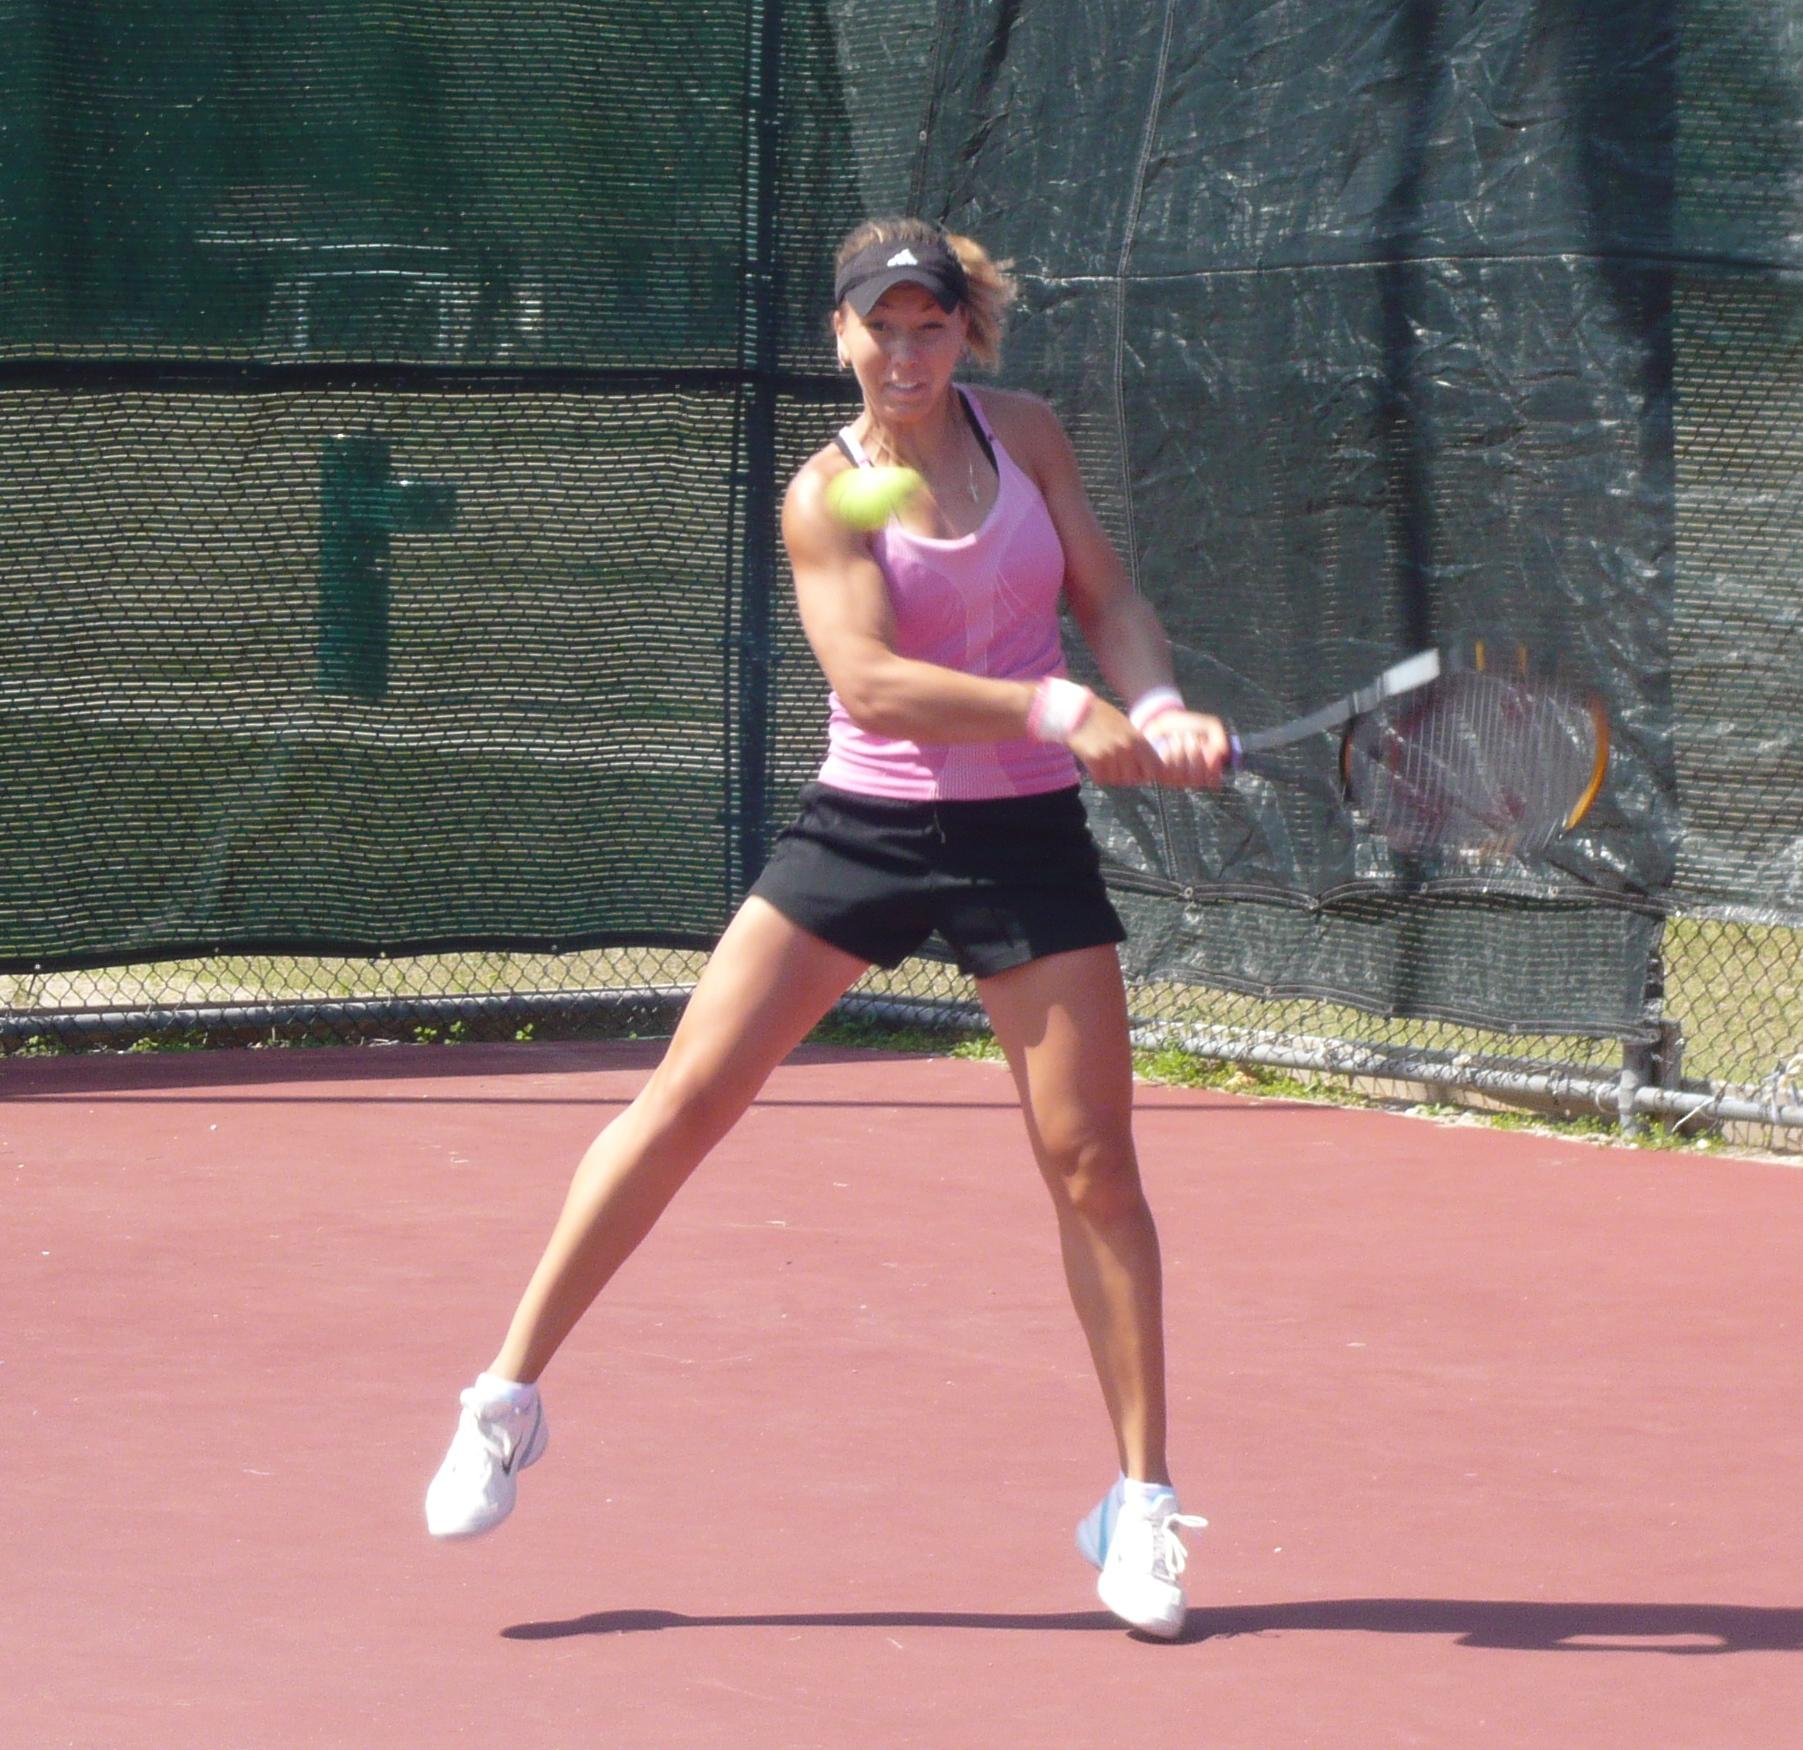 Wta: Anastasia Kharchenko Eyes Her Balls Intently